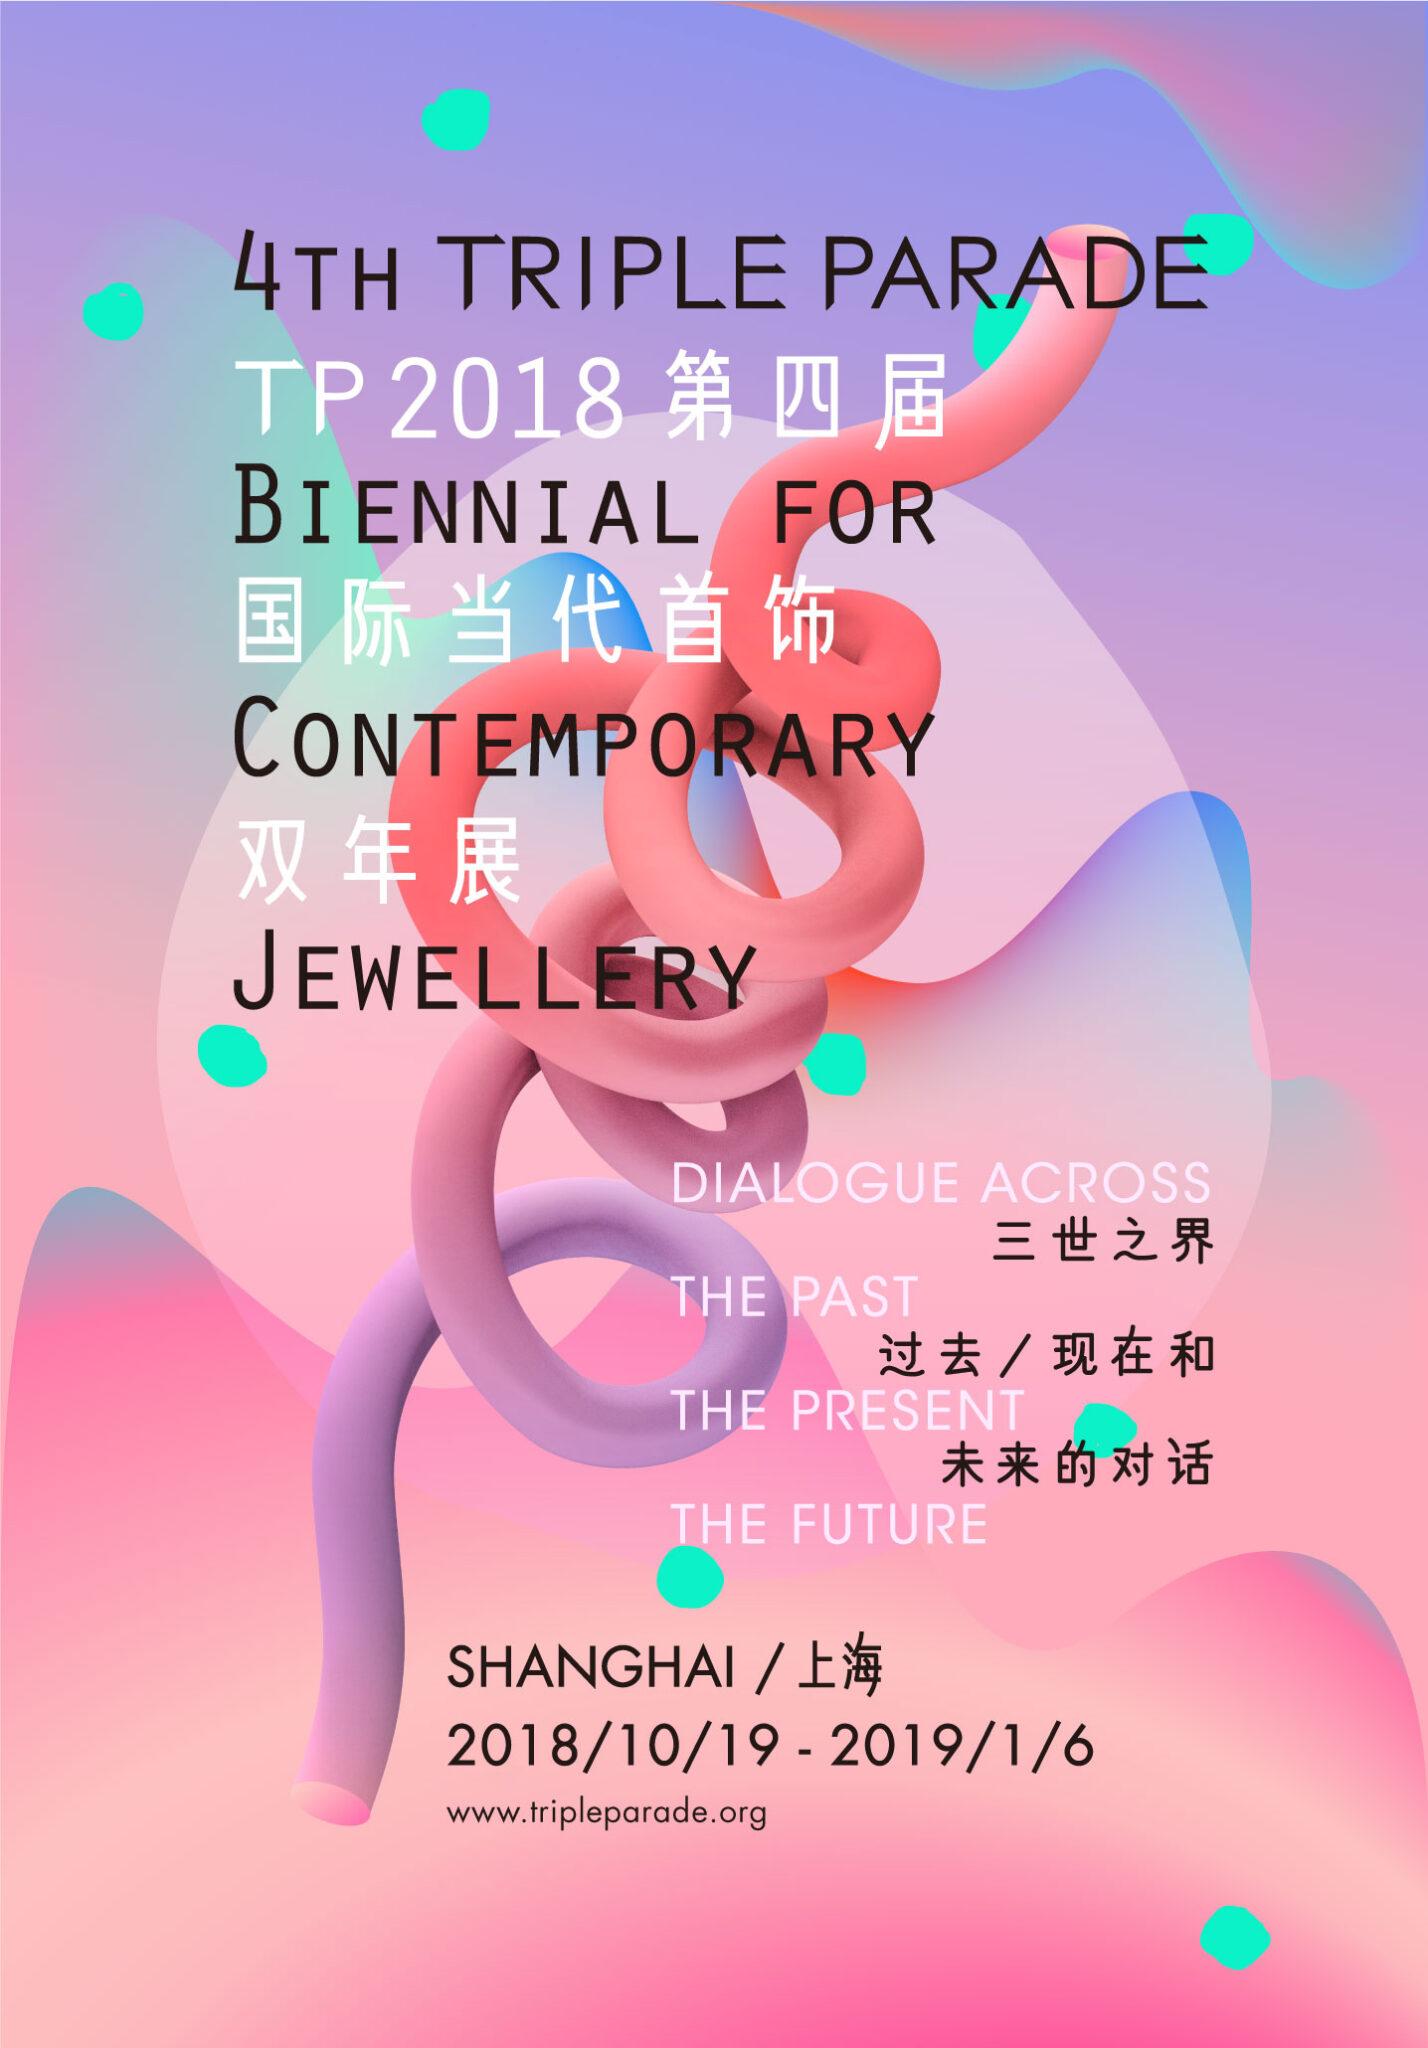 Biennial in Shanghai